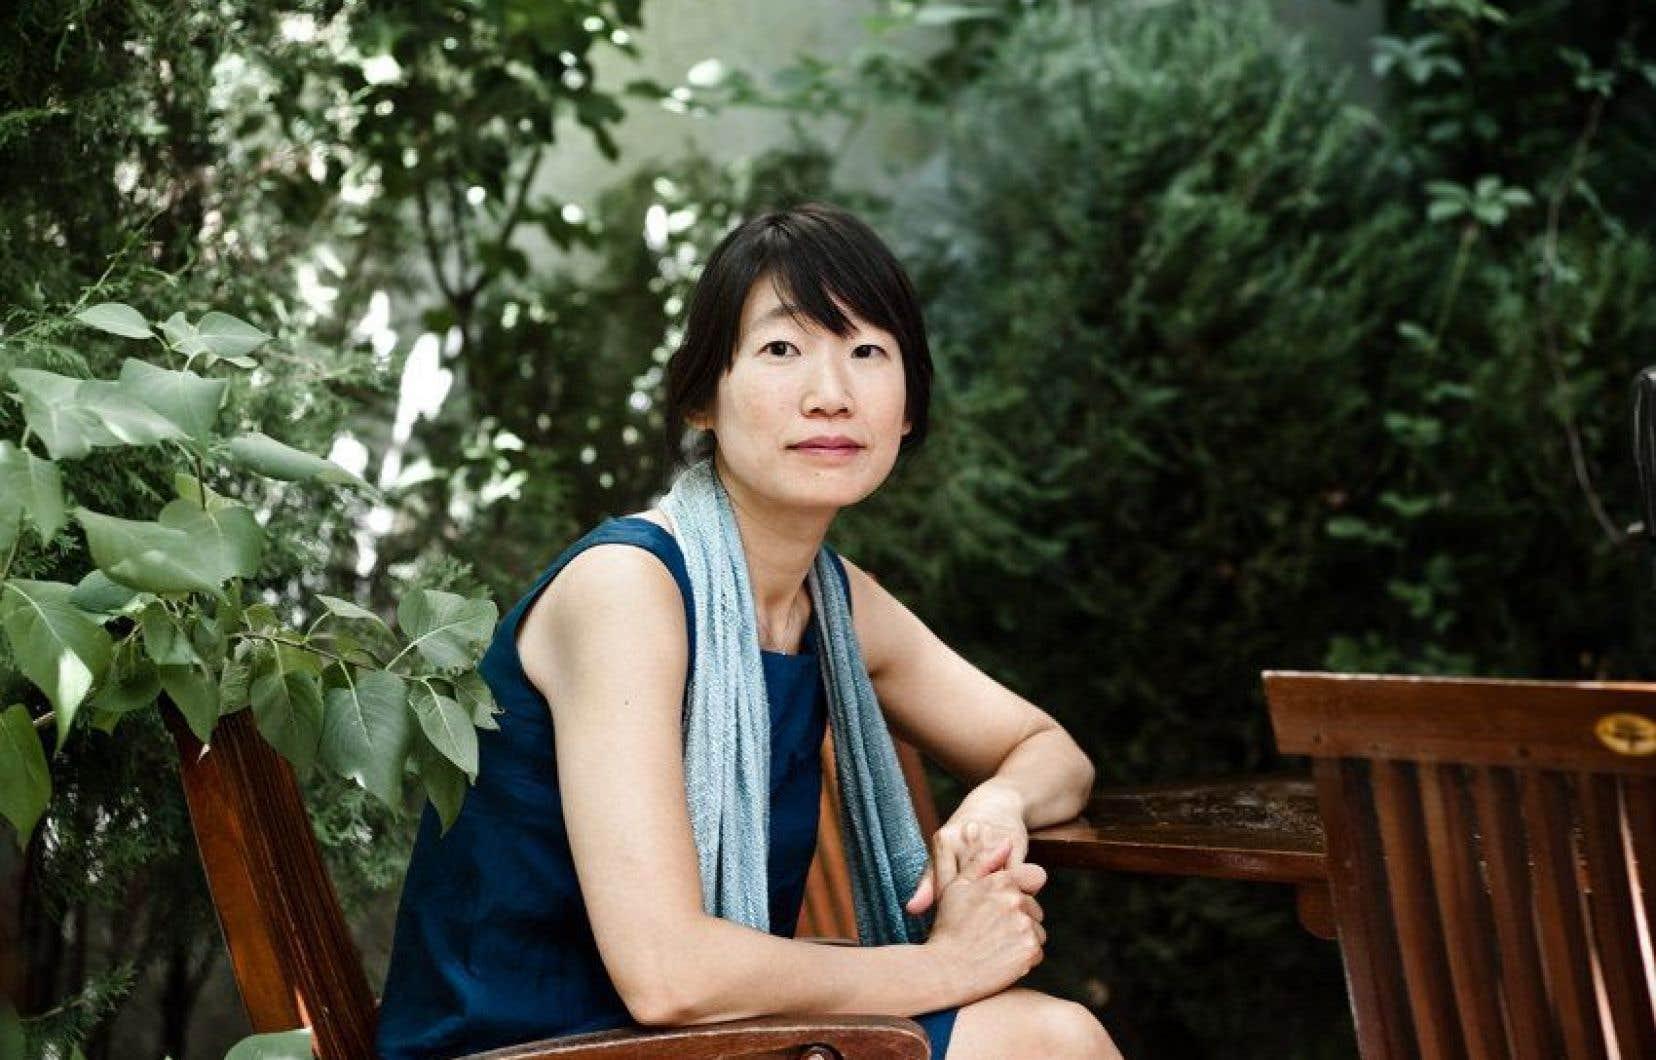 L'écrivaine canadienne Madeleine Thien est finaliste pour son roman<em>Do Not Say We Have Nothing</em>.